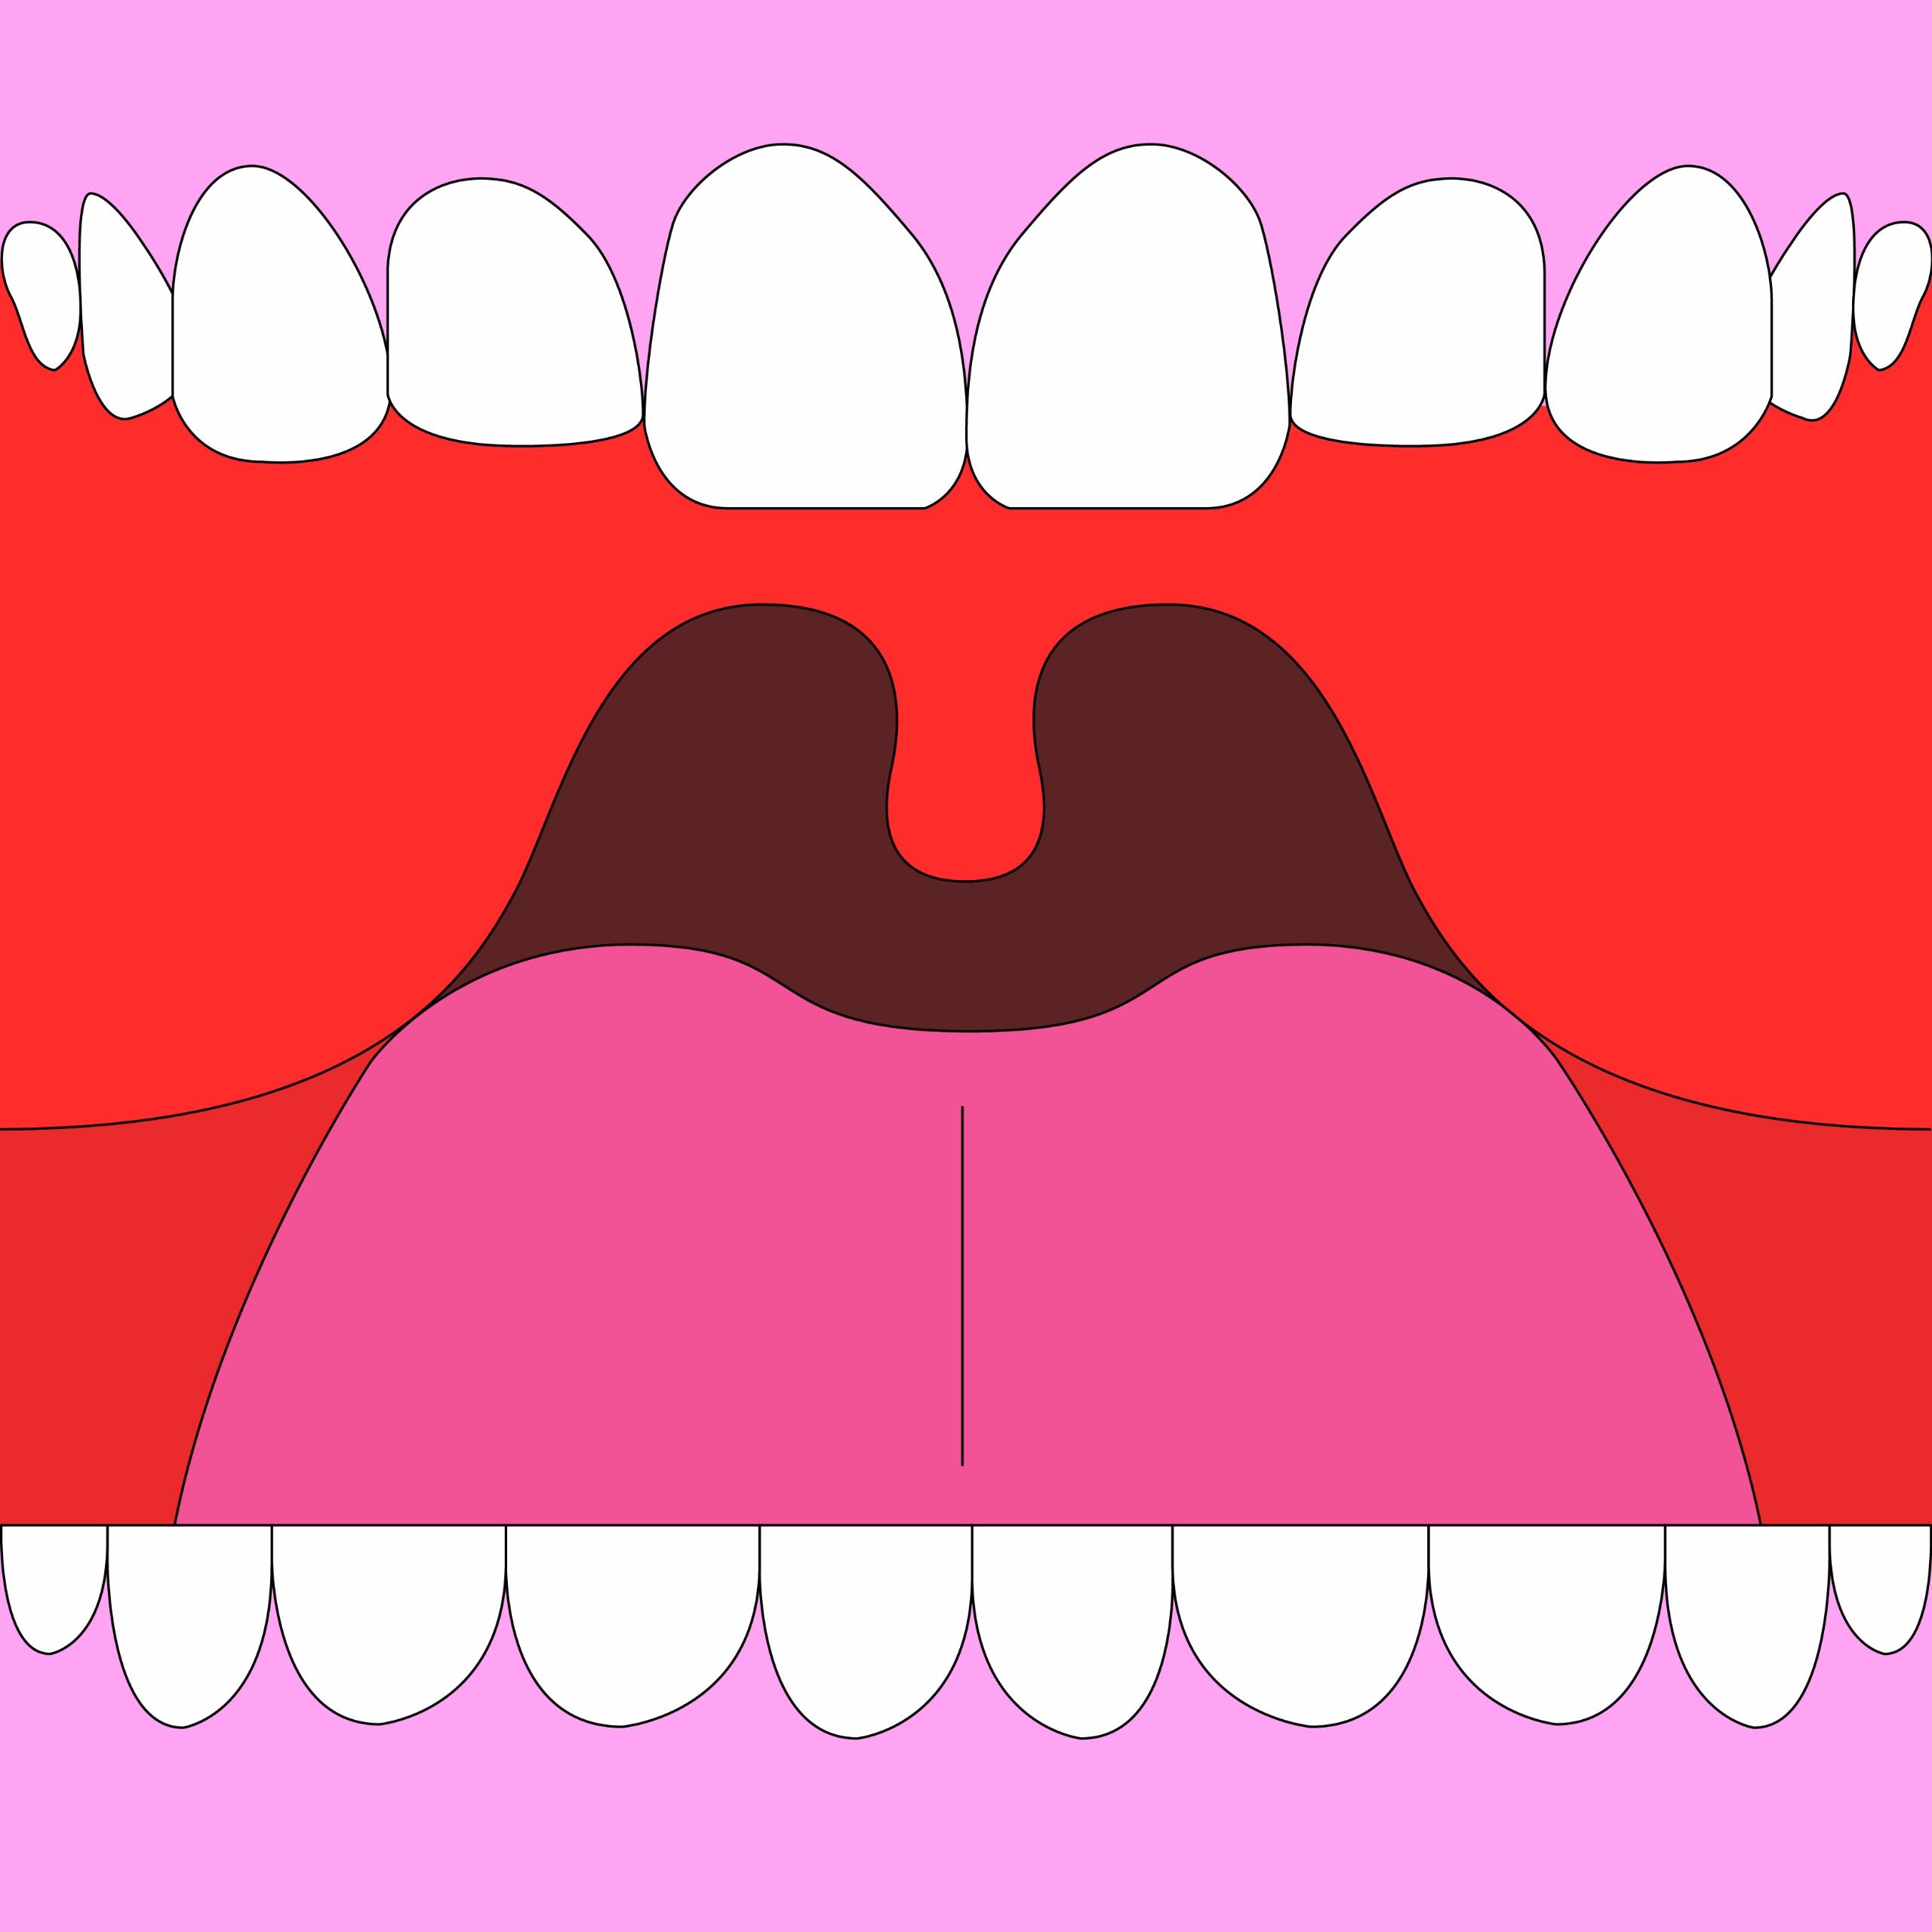 Mouth - illustration, graphicdesign - molonom | ello